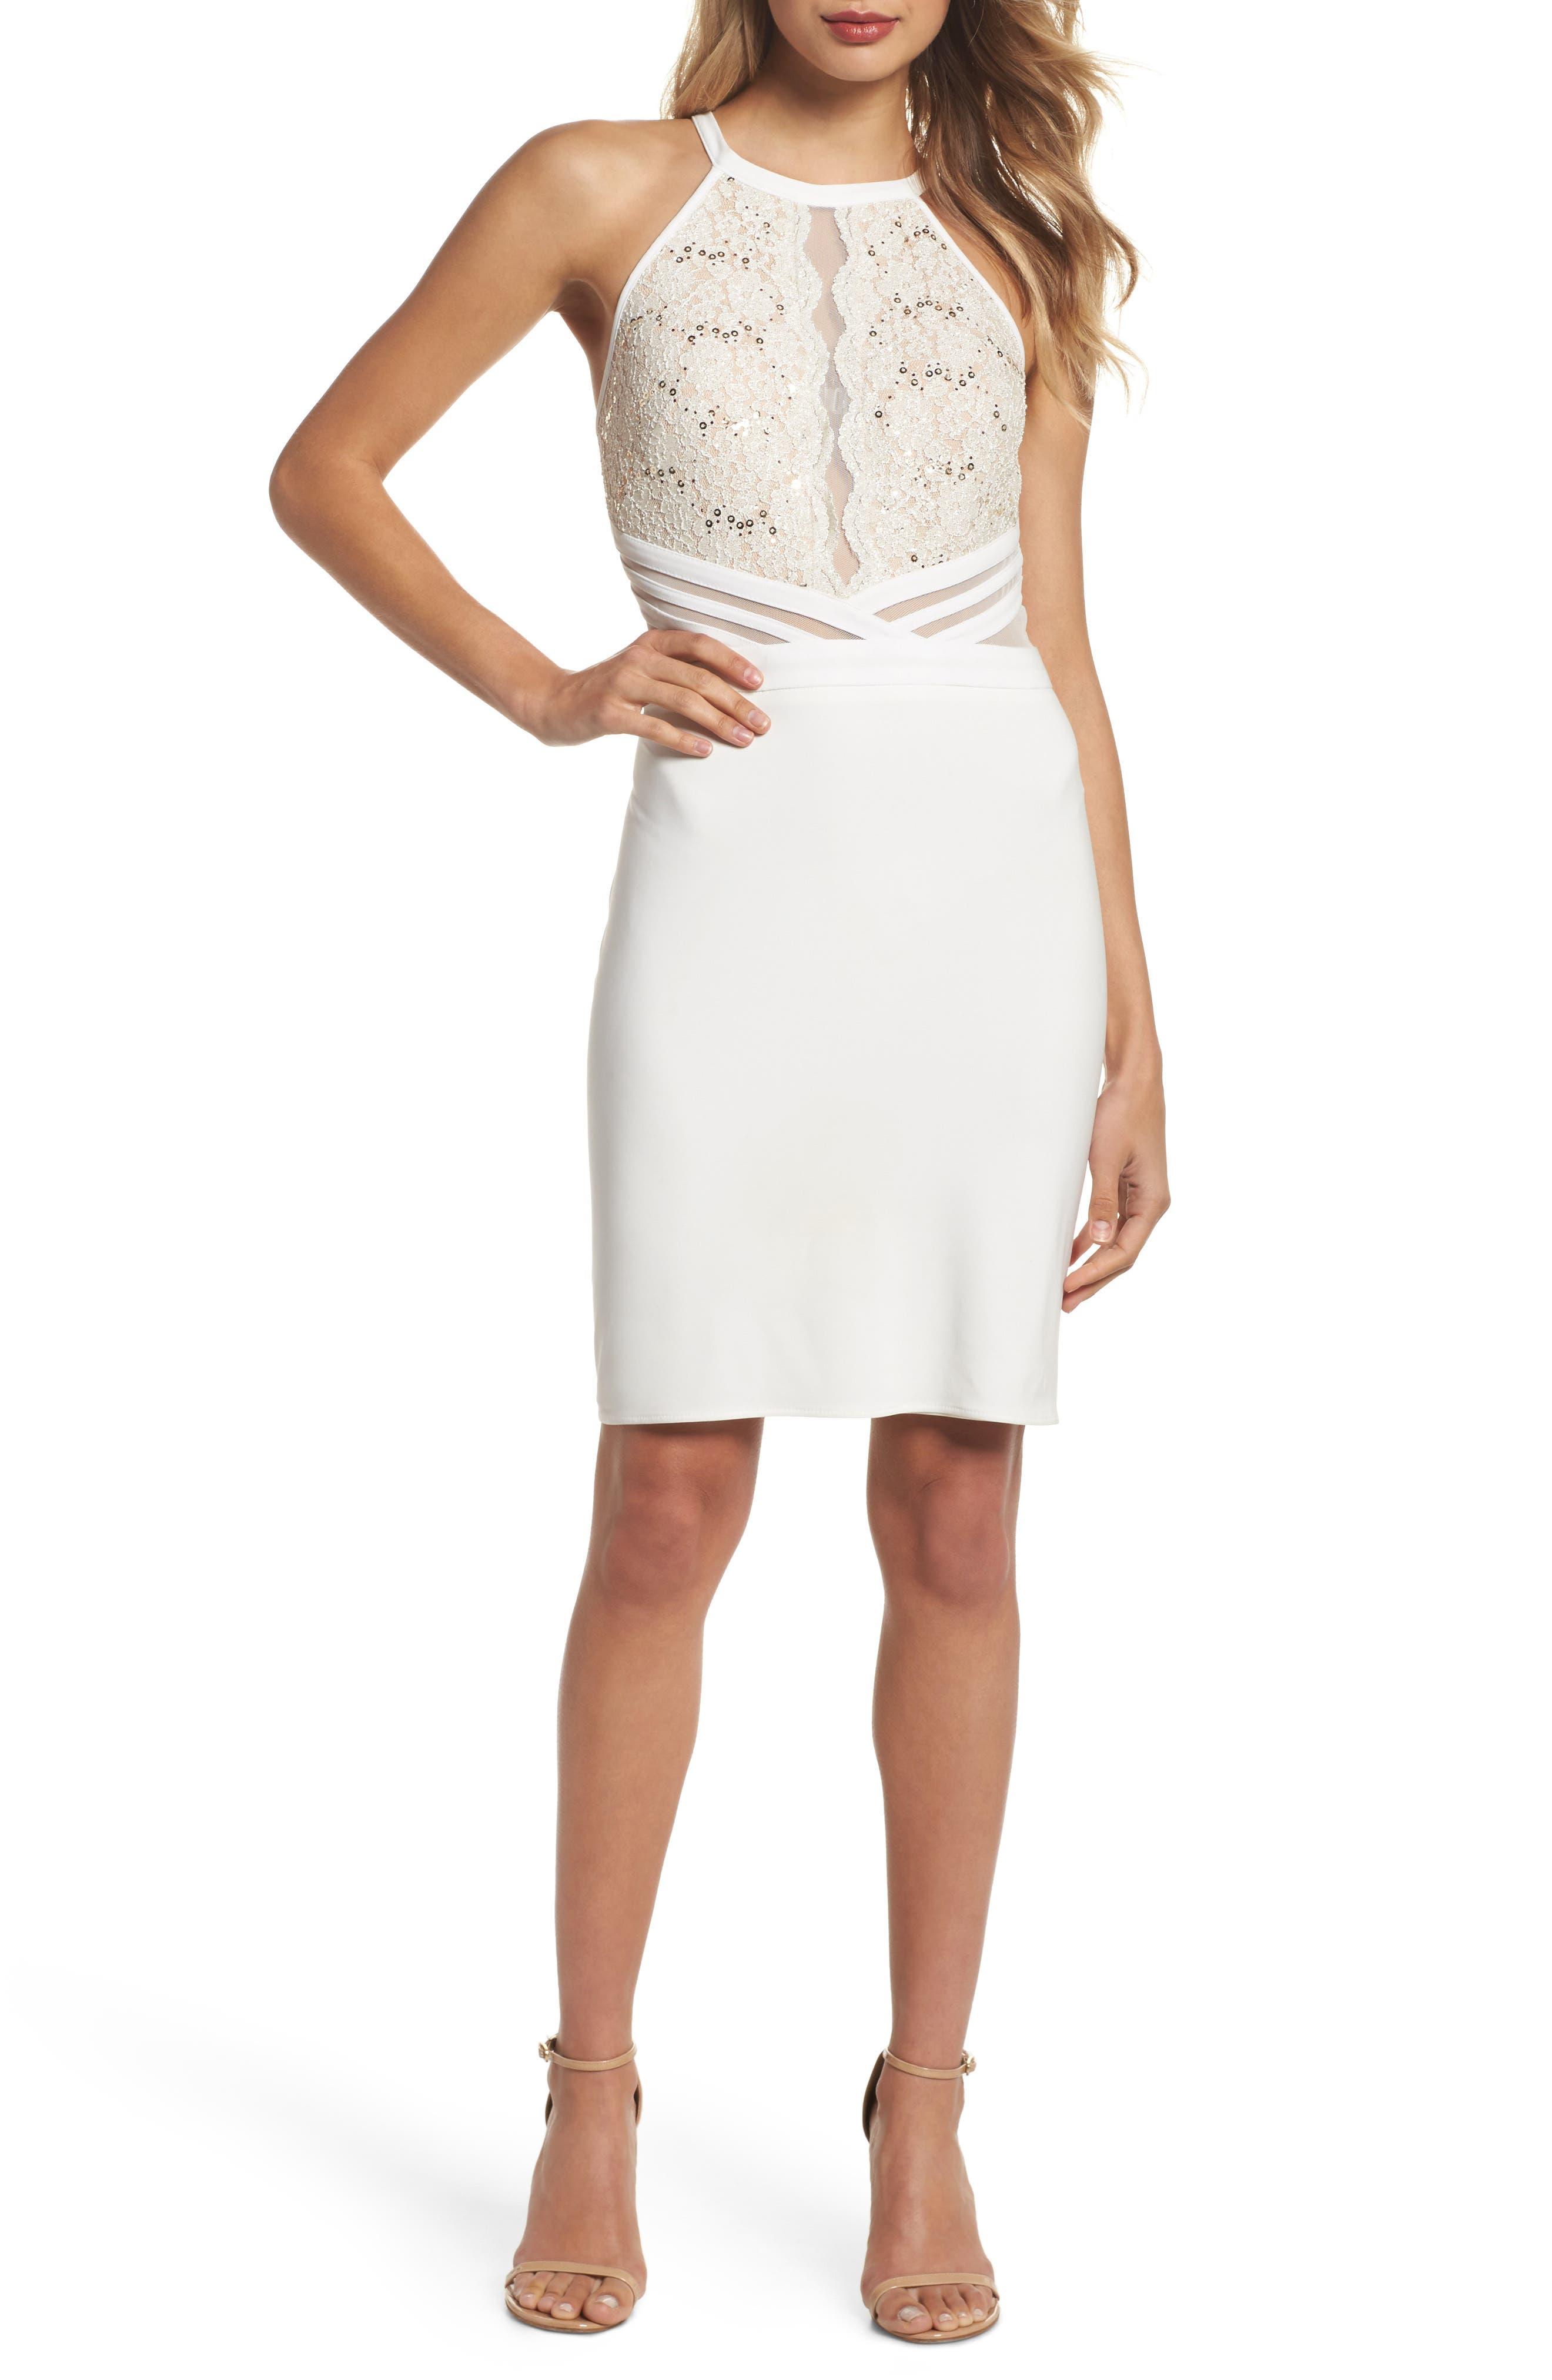 Morgan & Co. Scallop Lace Bodice Body-Con Dress, /4 - Ivory